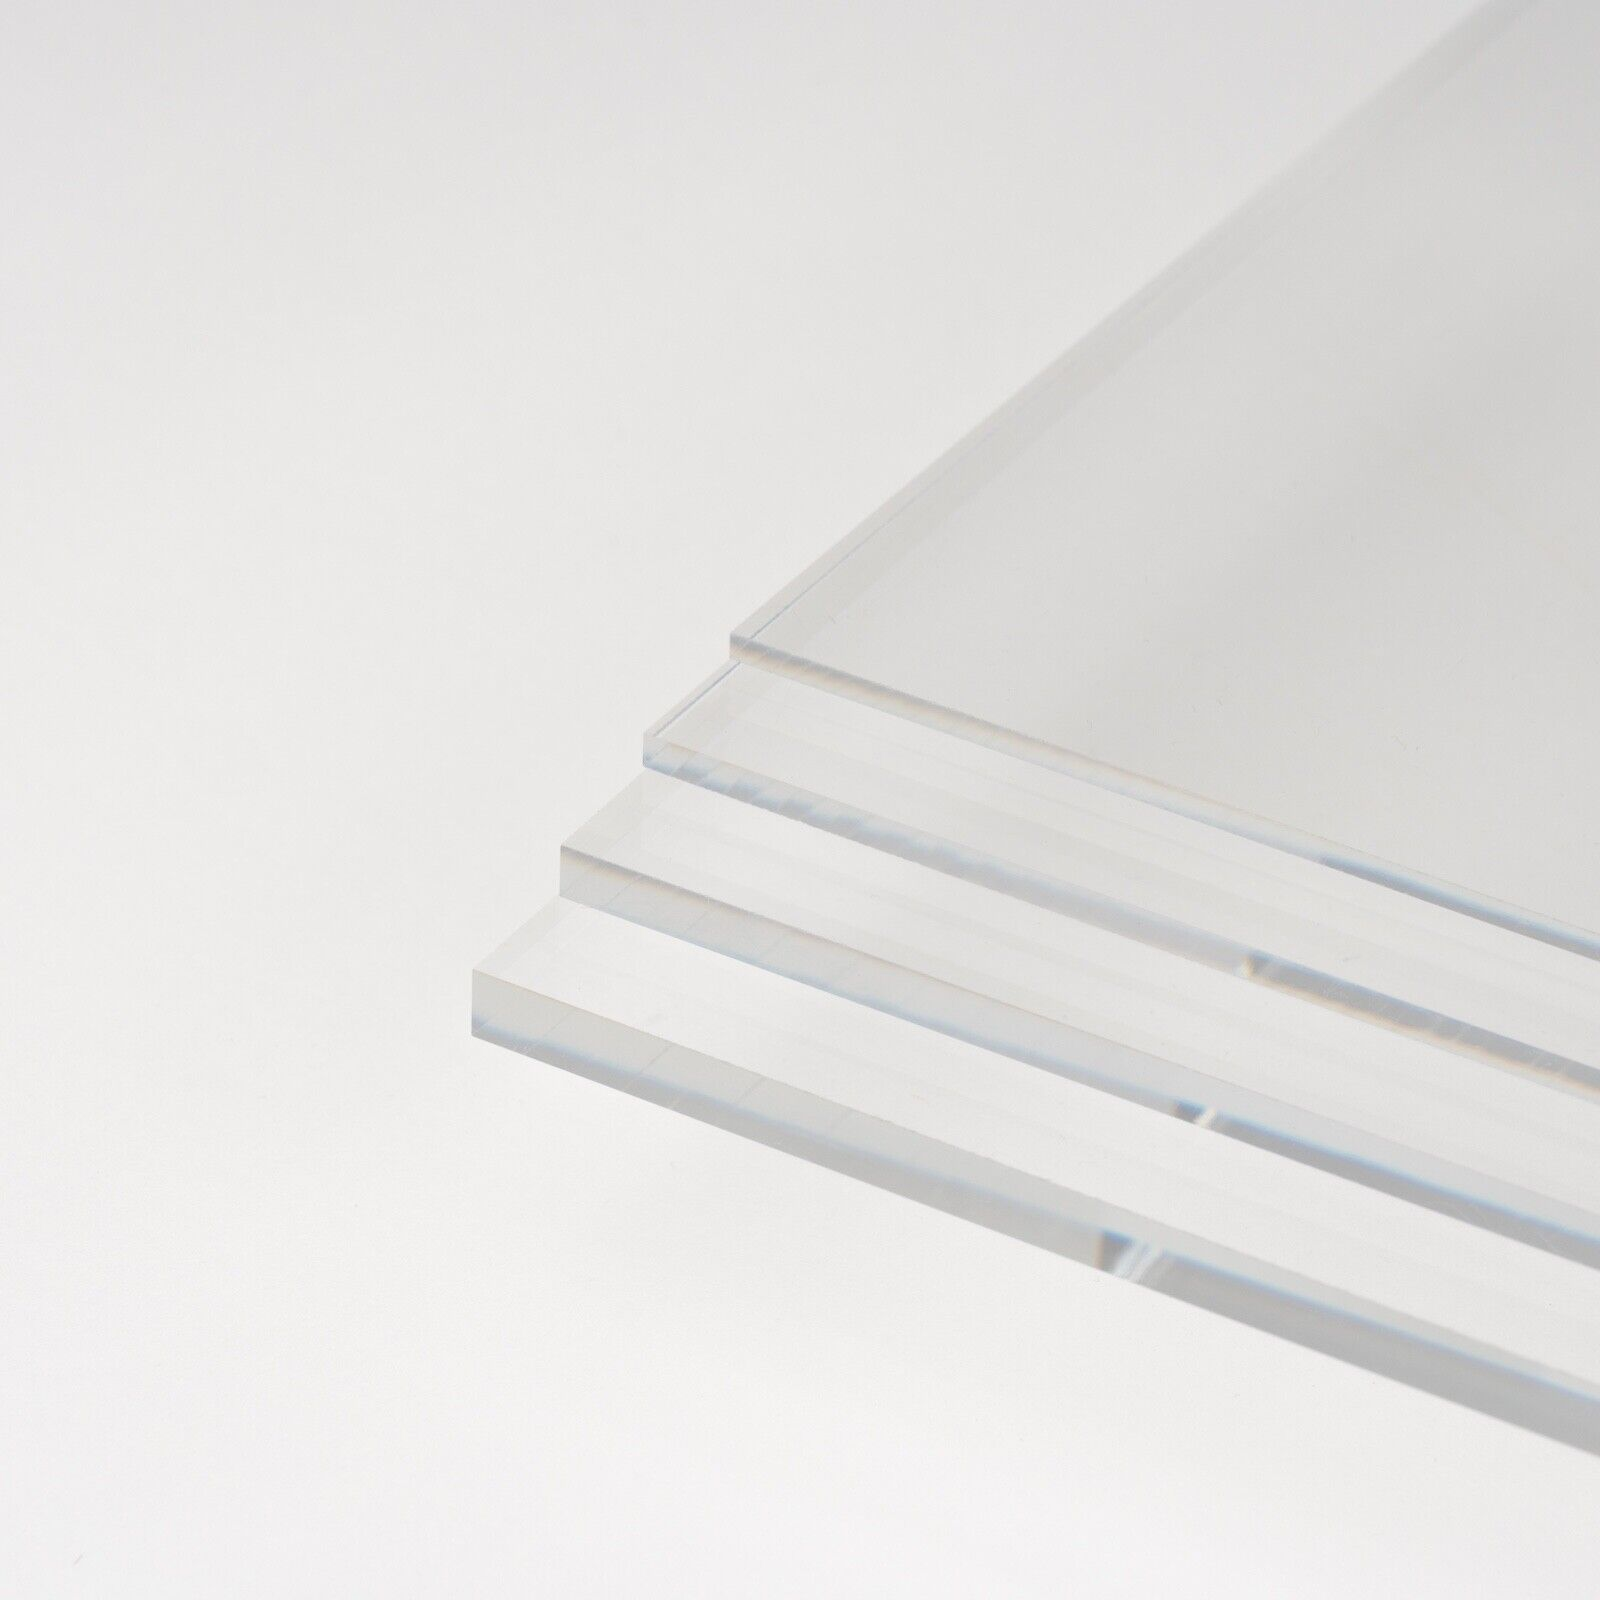 Glasklare Platte in 1000 x 750 mm UV-Stabil DOLLE Acrylglas XT F/ür Innen und Au/ßen Zuschnitte |St/ärke 5 mm Kanten unbearbeitet PMMA |